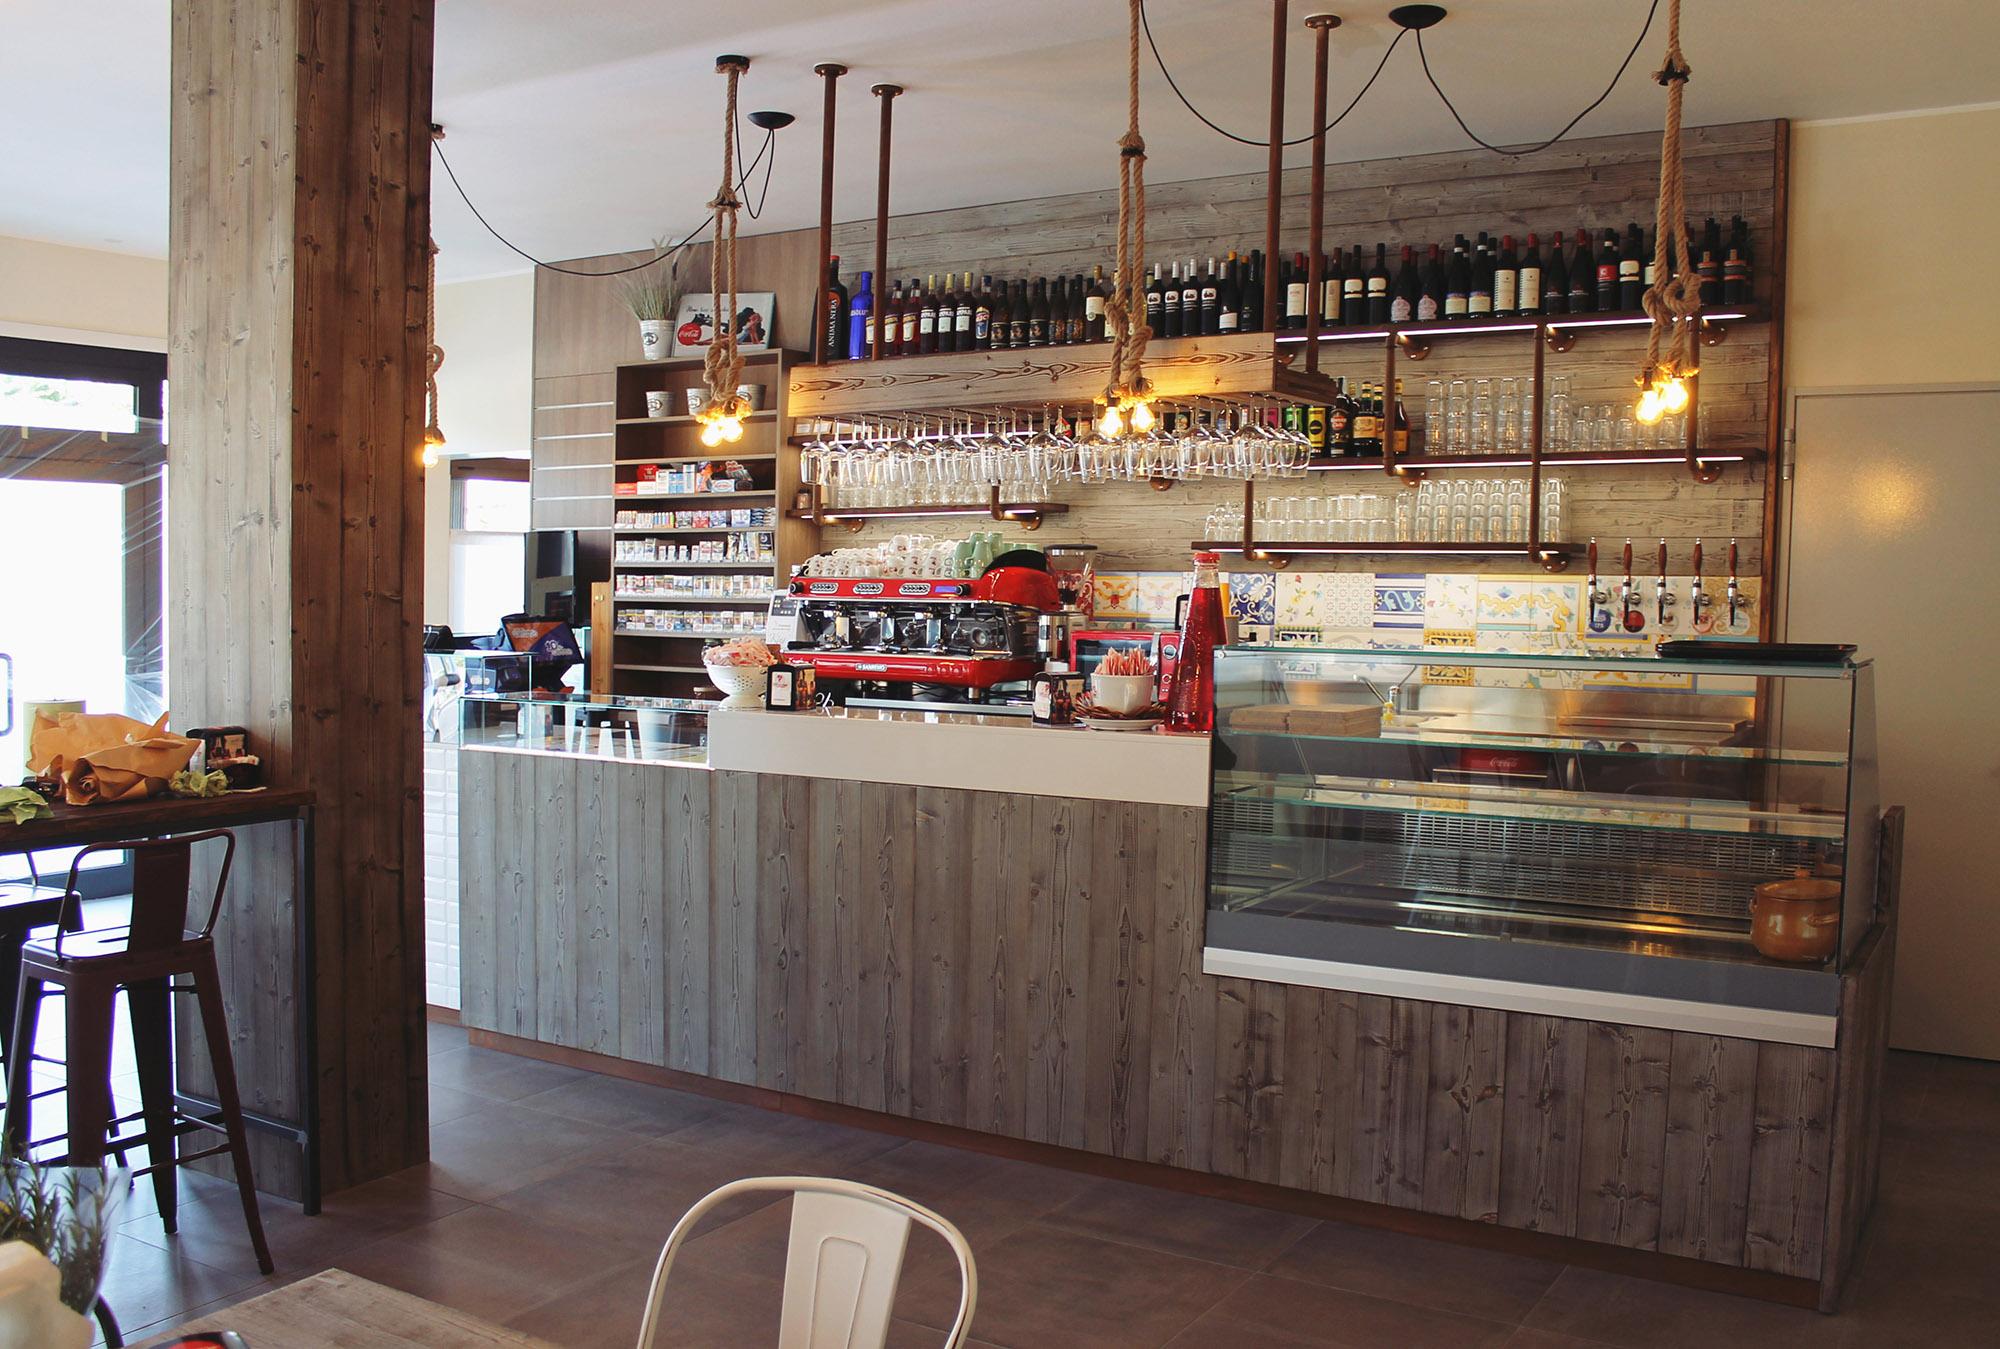 Arredamento bar tabacchi paoletto a venezia gm arredamenti for Arredamento bar tabacchi usato